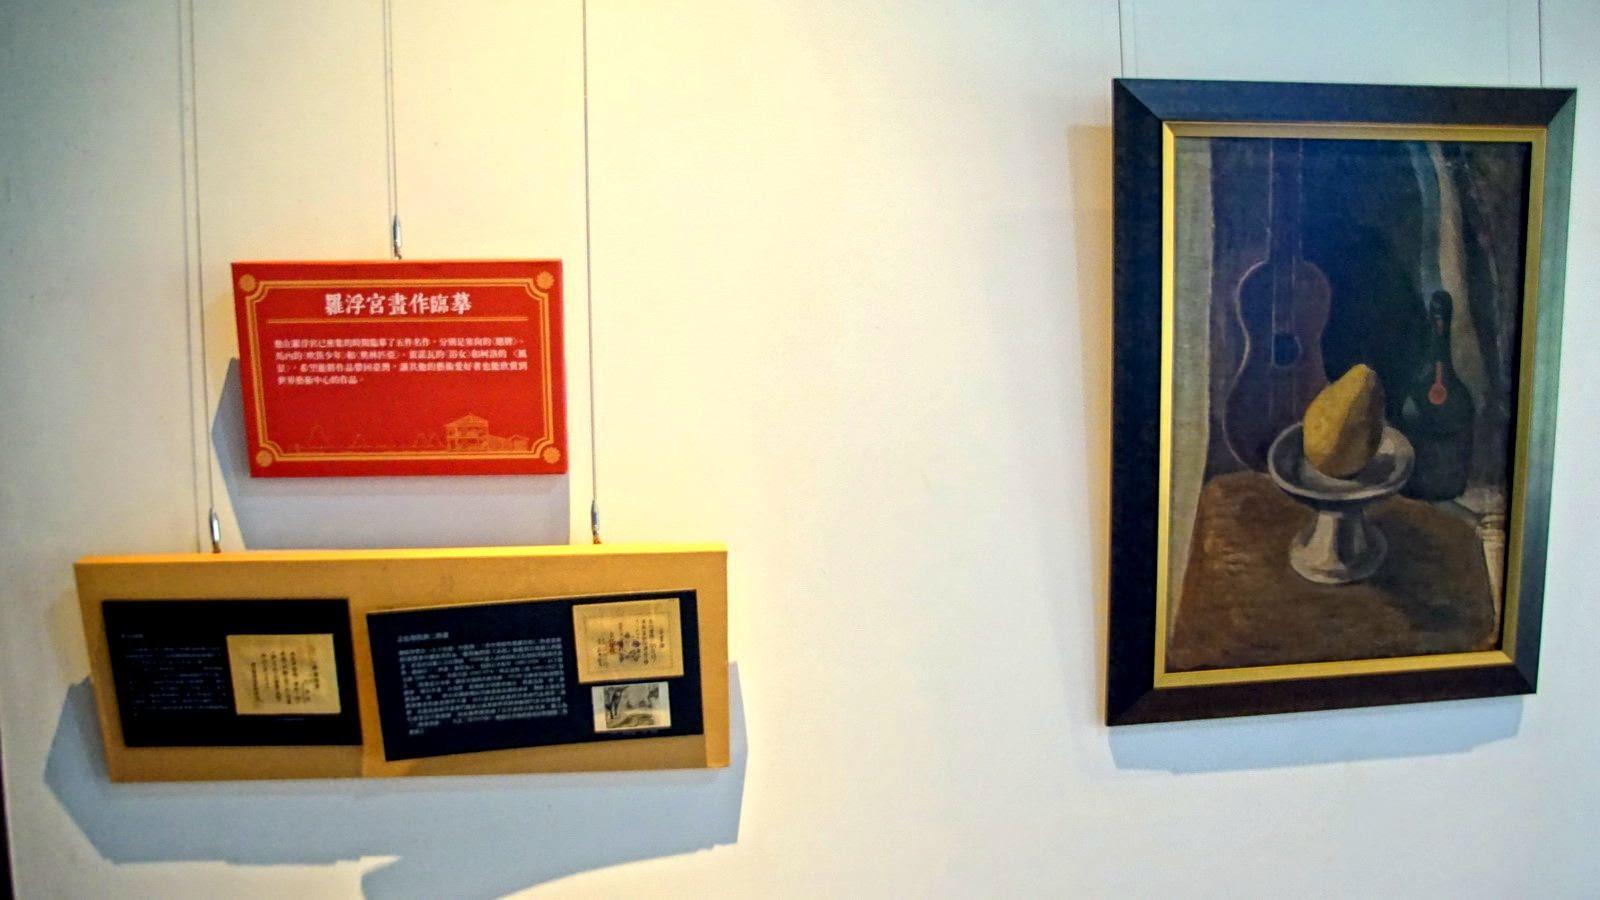 [台南][柳營區] 劉啟祥美術紀念館|超好拍的低調景點|劉啟祥故居|遊記